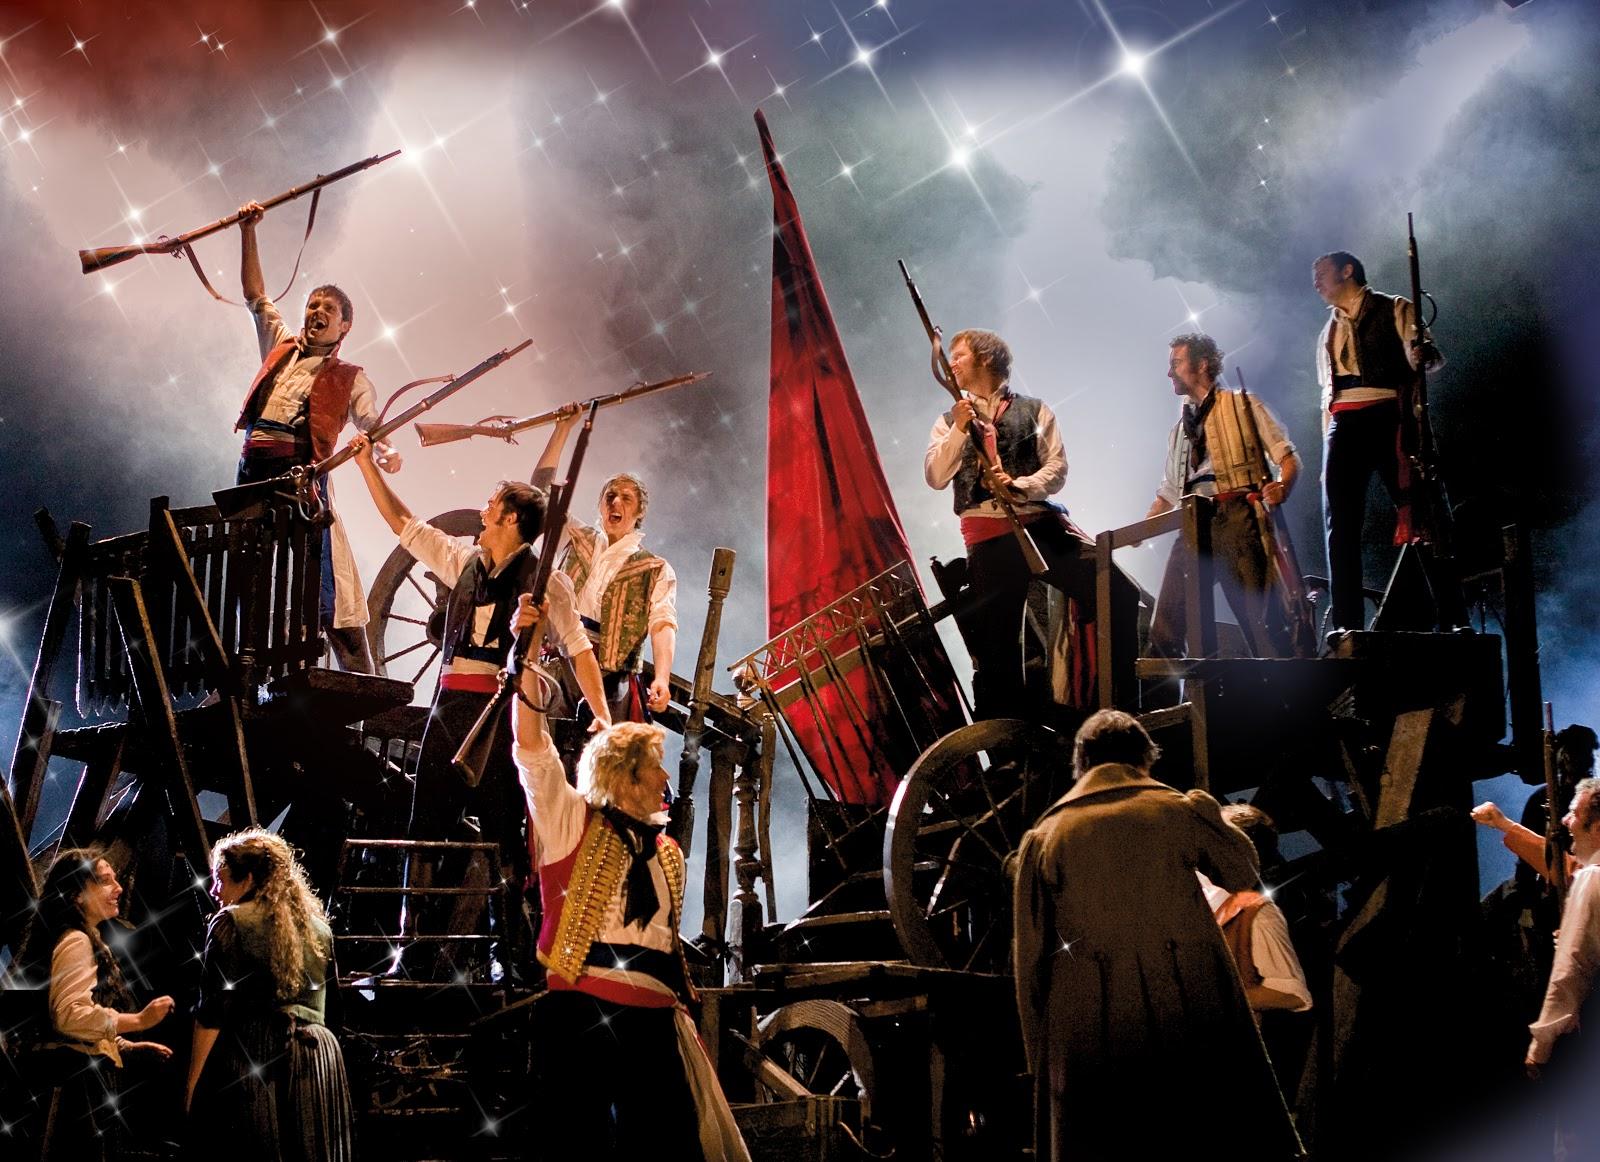 Wallpaper Broadway Musicals Download Wallpaper DaWallpaperz 1600x1162